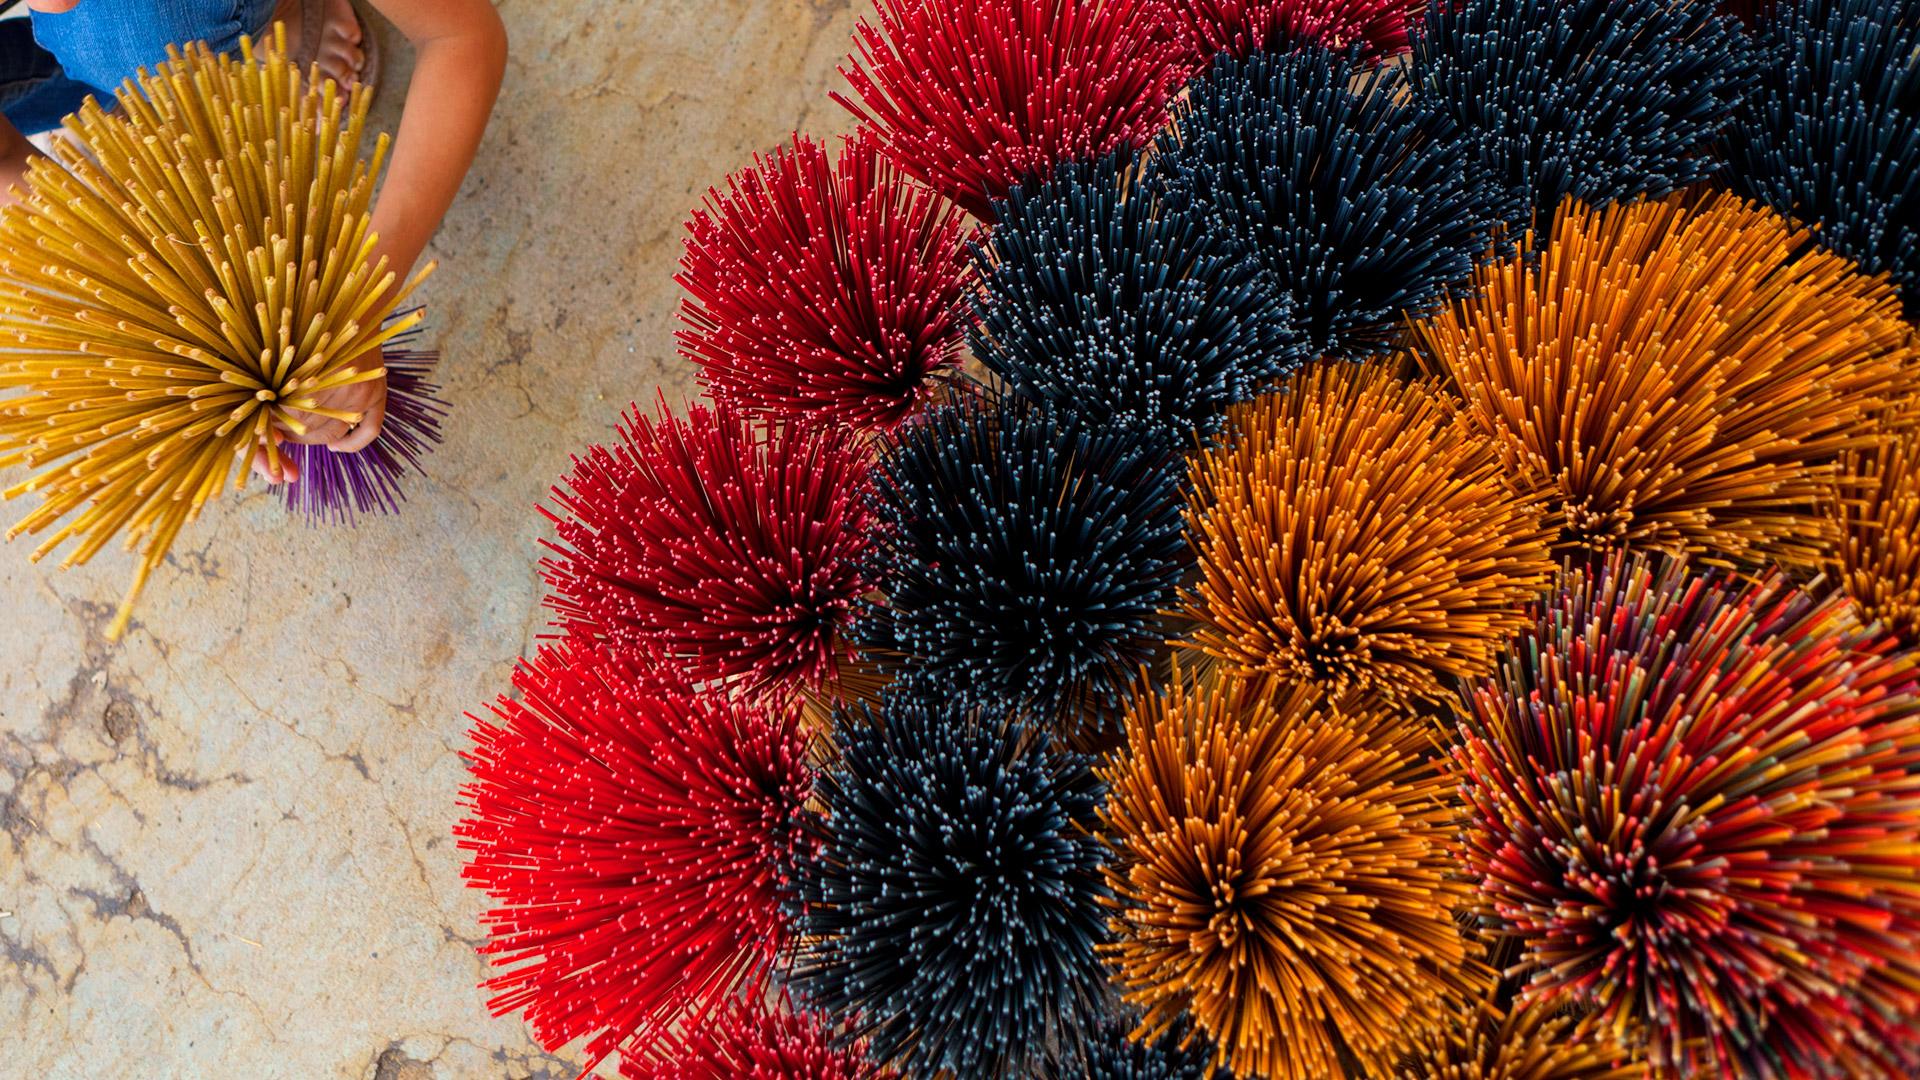 Làng nghề làm hương Xuân Thuỷ, Thừa Thiên Huế